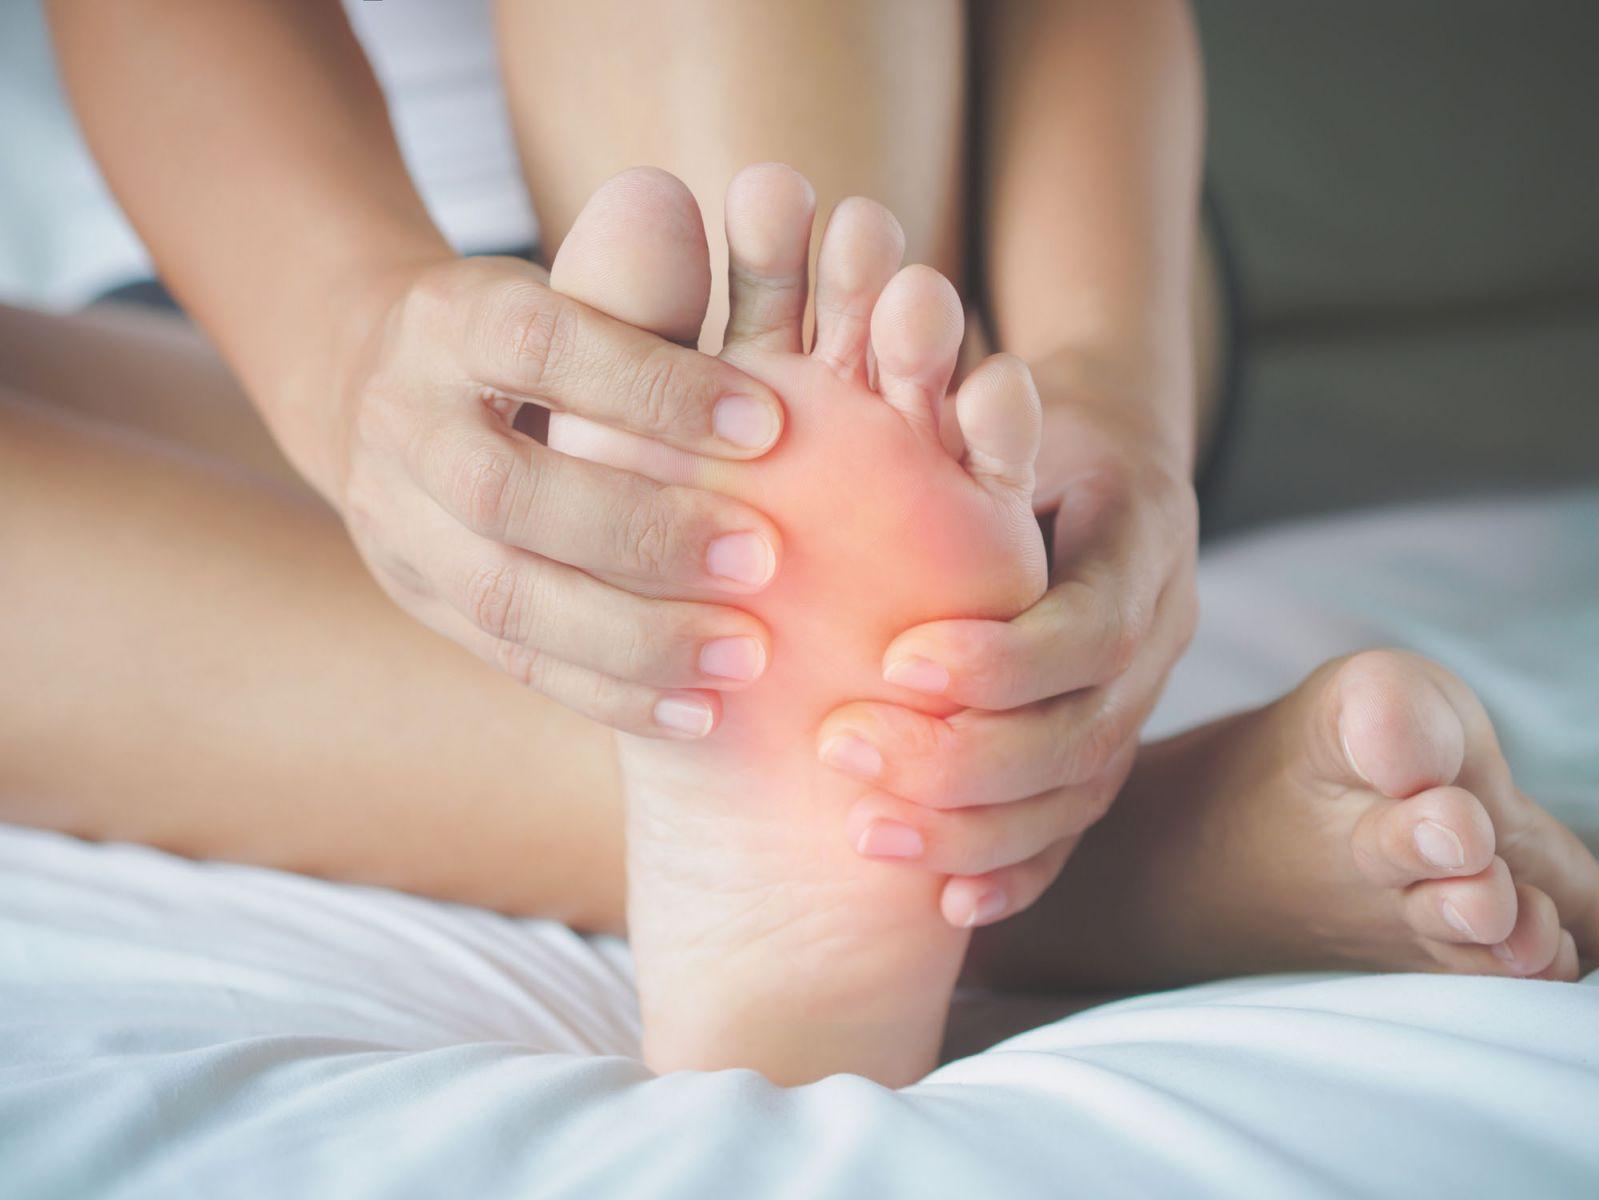 Kojų patinimas - simptomai, priežastys ir gydymas